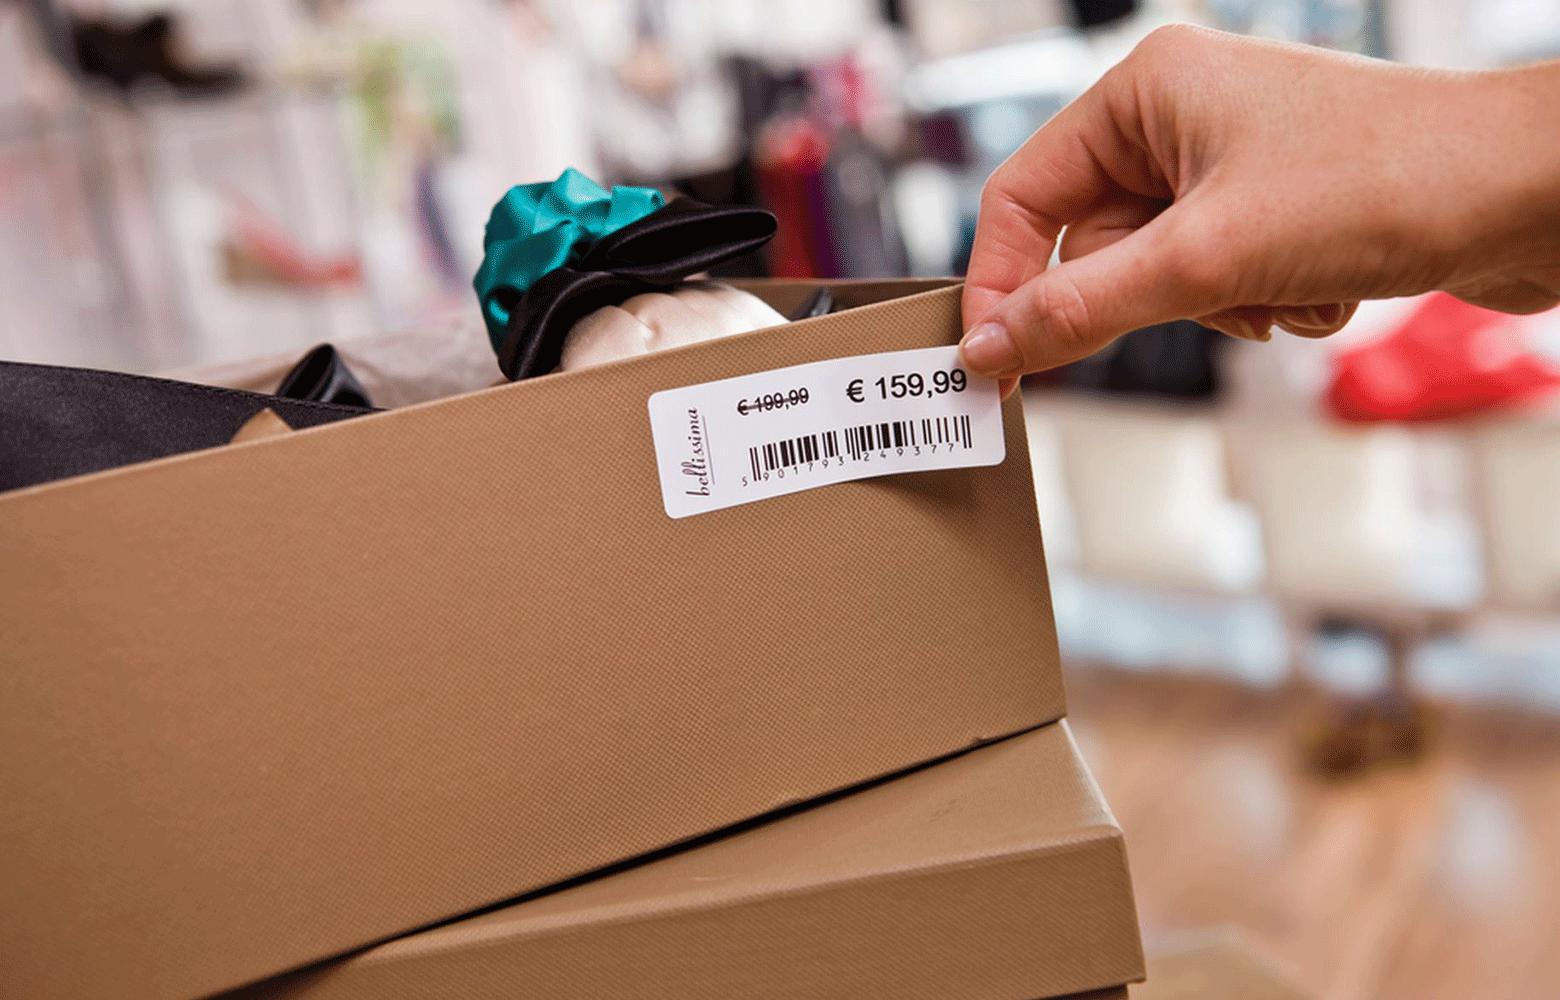 Scatola di scarpe marrone con etichetta del prezzo